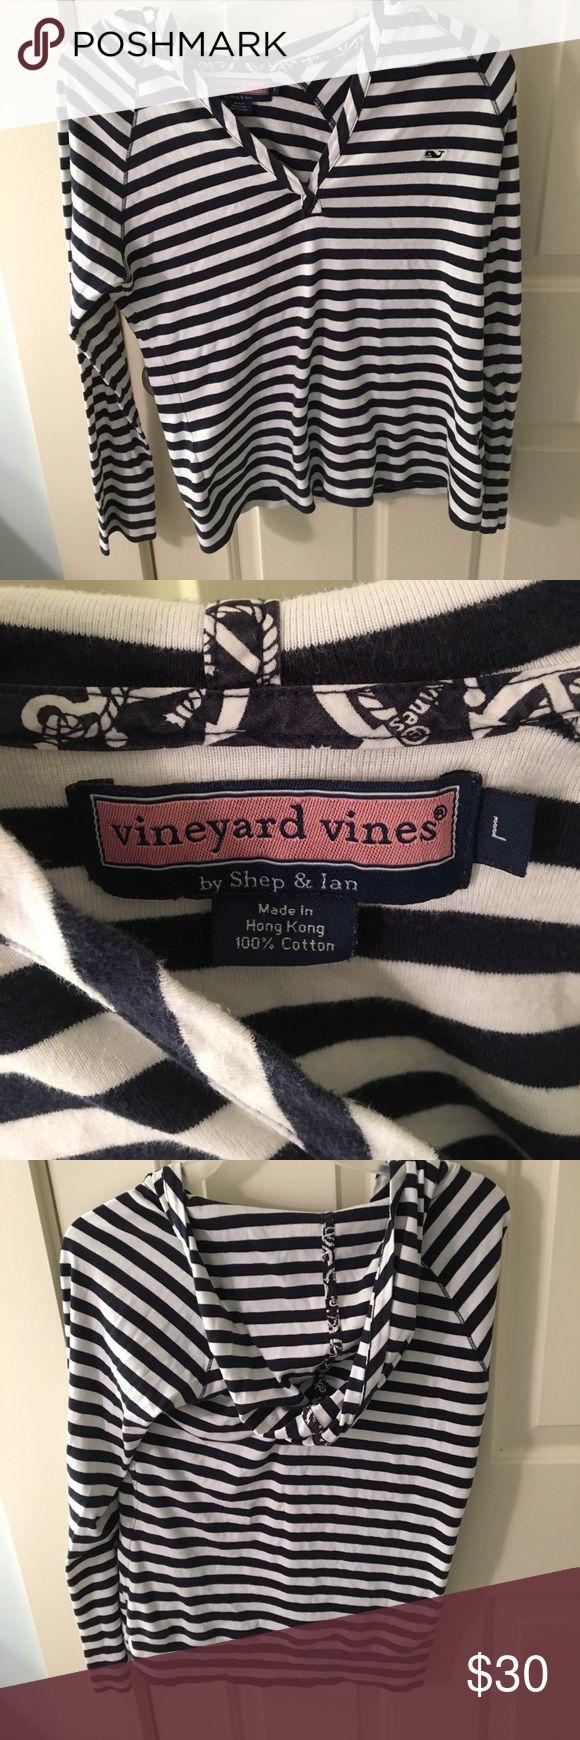 Kids Vineyard Vines Hoodie Blue and white striped, kids L, hoodie, long sleeve, worn, NO rips, No holes, NO tears, VINEYARD VINES Vineyard Vines Shirts & Tops Sweatshirts & Hoodies